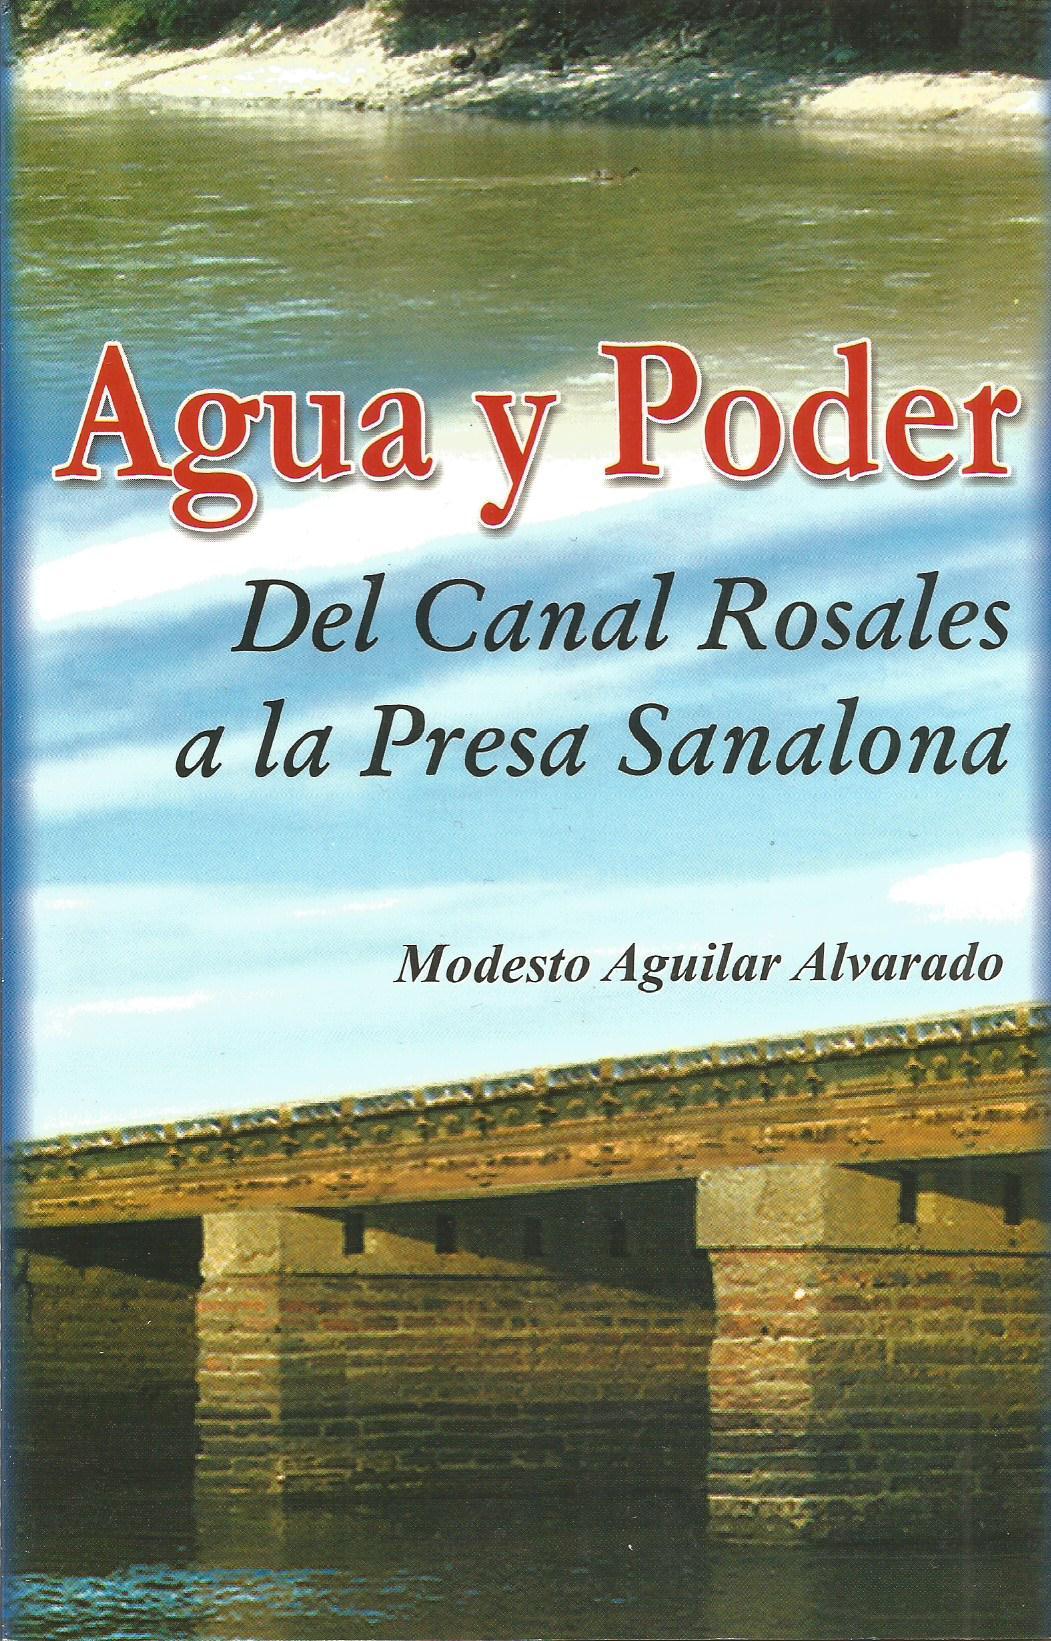 Agua y Poder del Canal Rosales a la Presa Sanalona